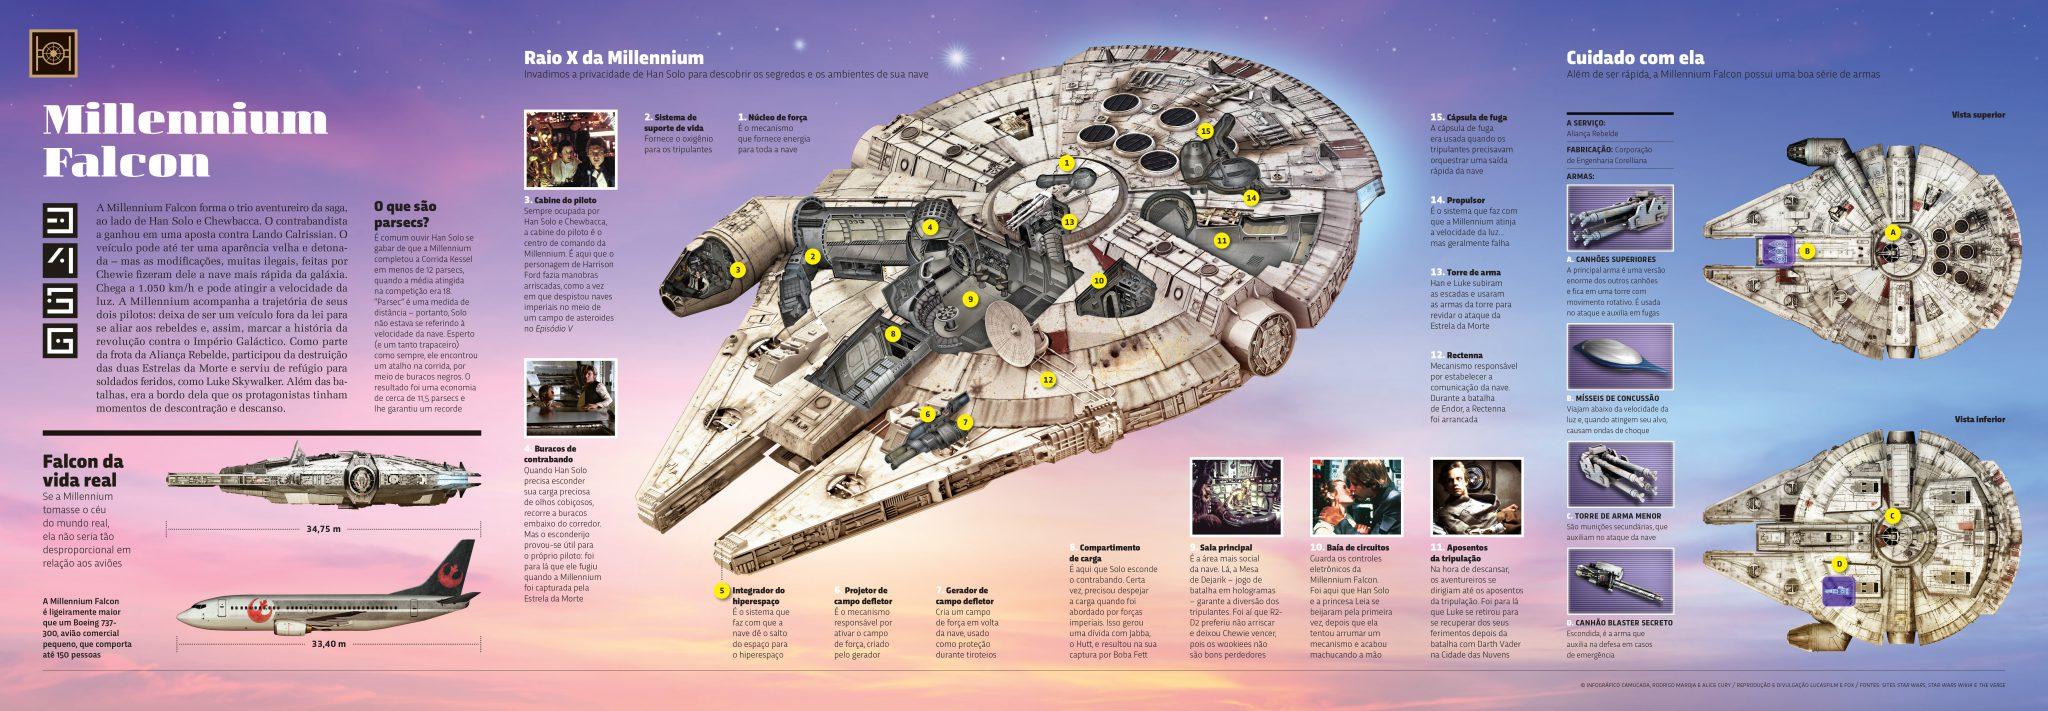 camucada_starwars_millenium_falcon